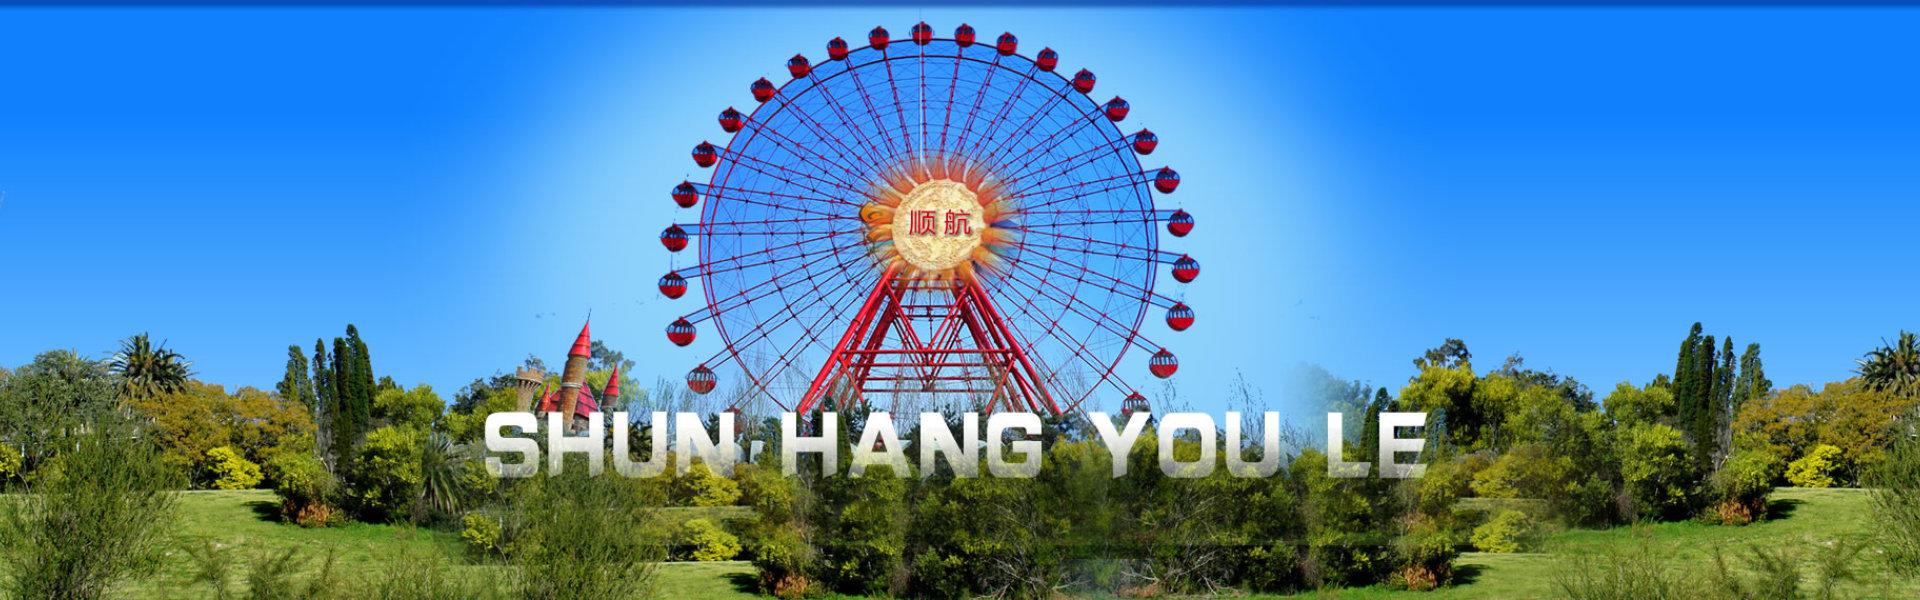 大中小型游乐设备咨询,报价,游乐场规划设计,游乐园规划设计